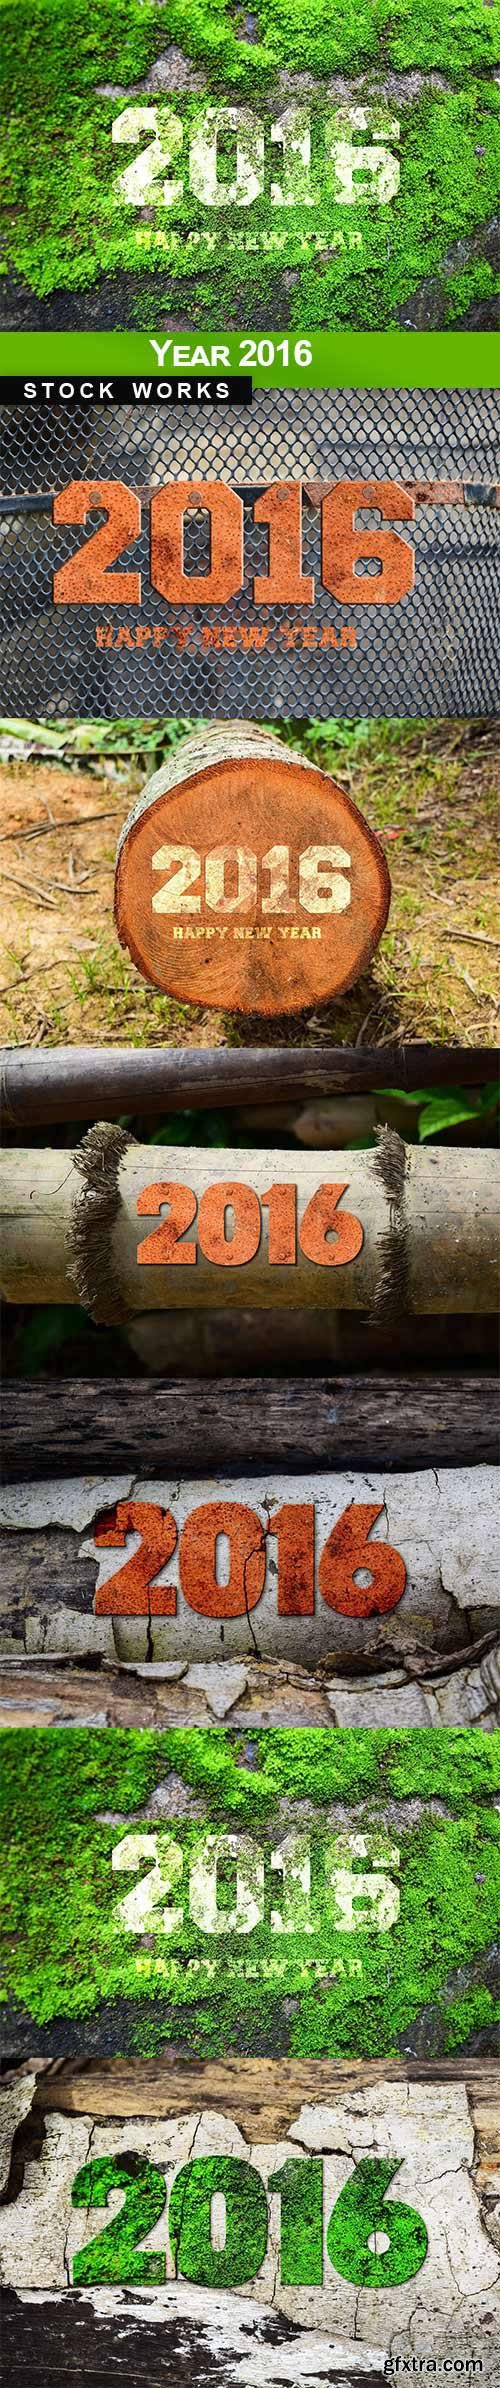 Year 2016 - 6 UHQ JPEG